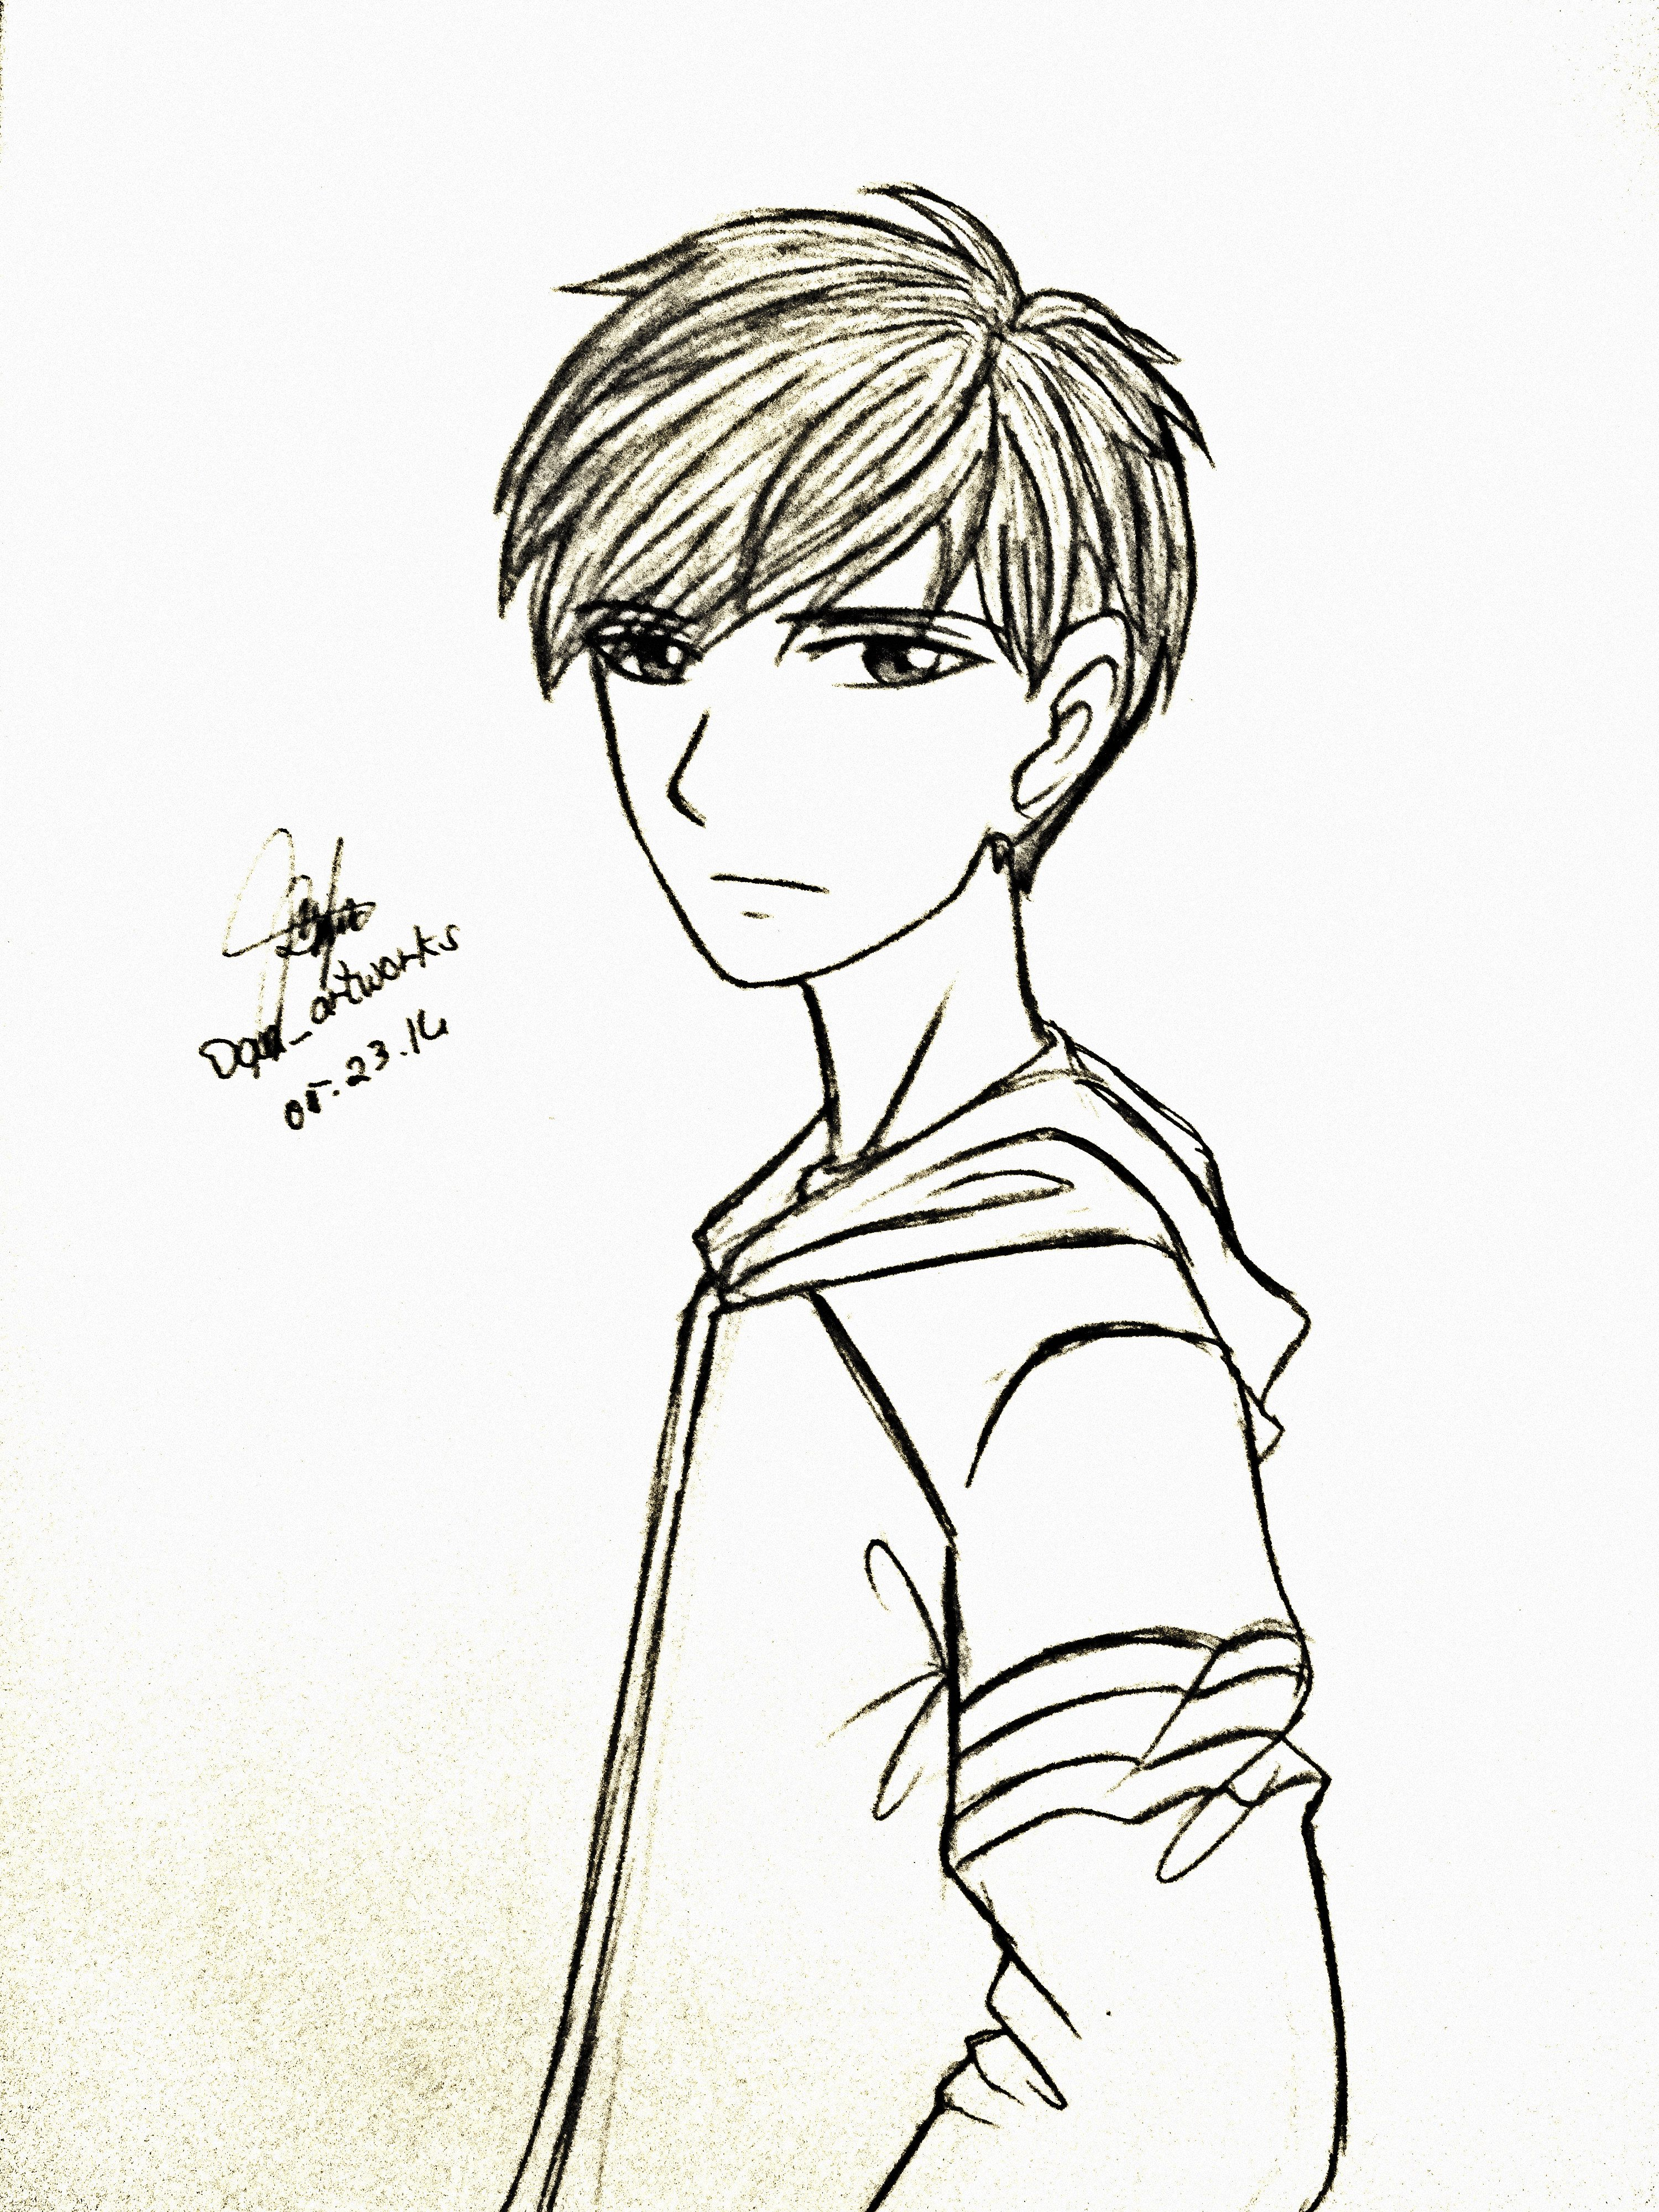 Drawing Anime Boy Guy Jacket Hoodie 3 Anime Drawings Male Sketch